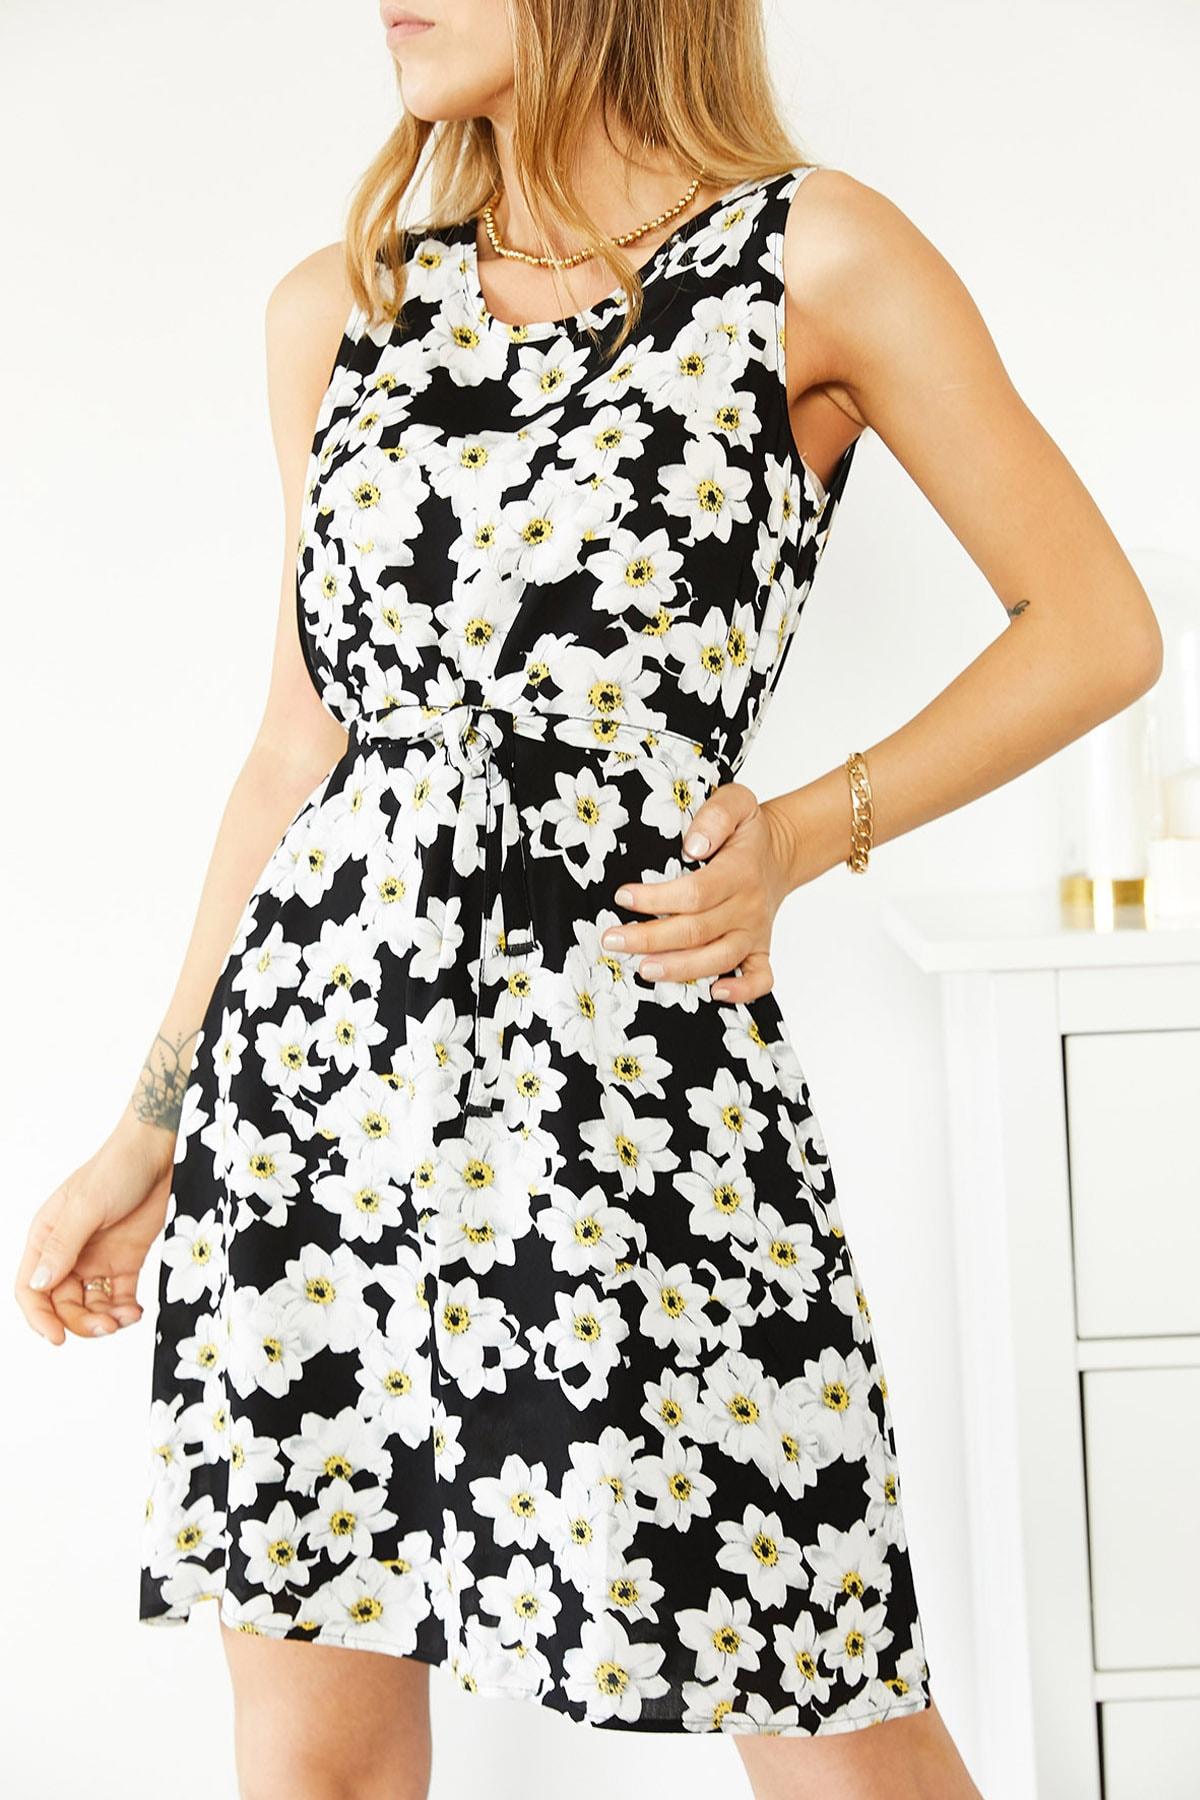 XHAN Kadın Siyah & Beyaz Çiçek Desenli Kolsuz Elbise 0YXK6-43858-02 8699443858021